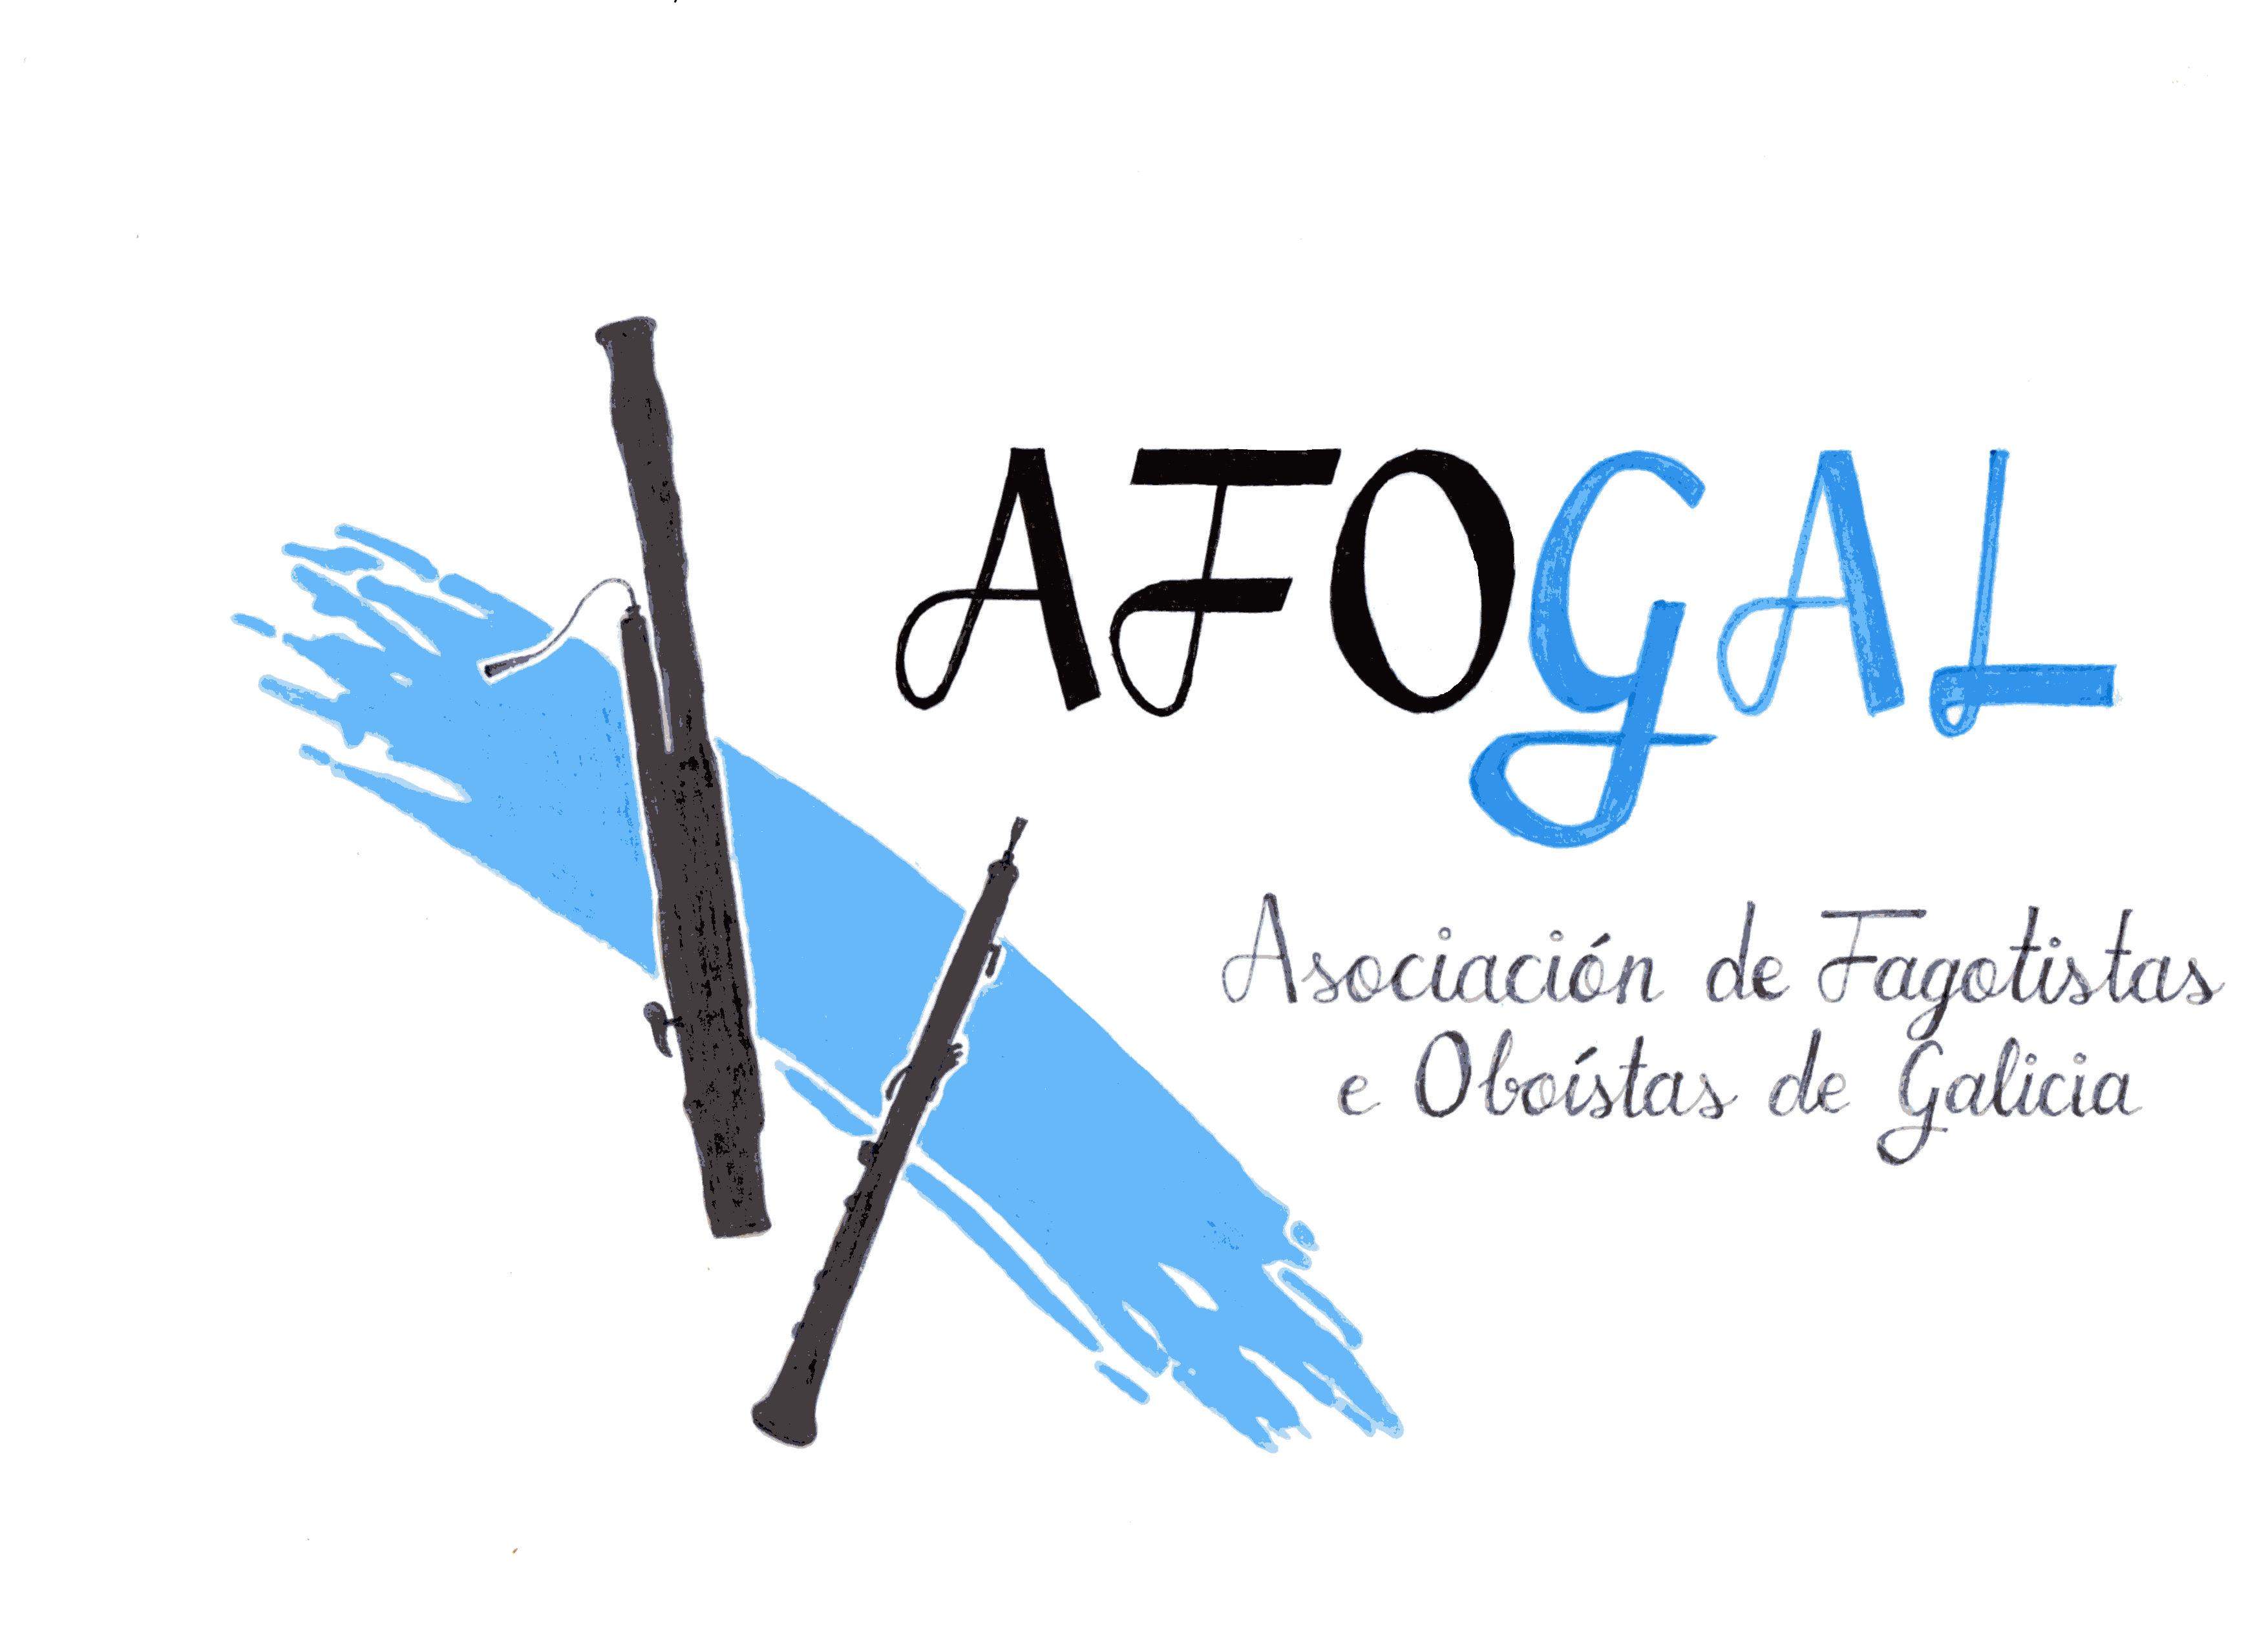 AFOGAL